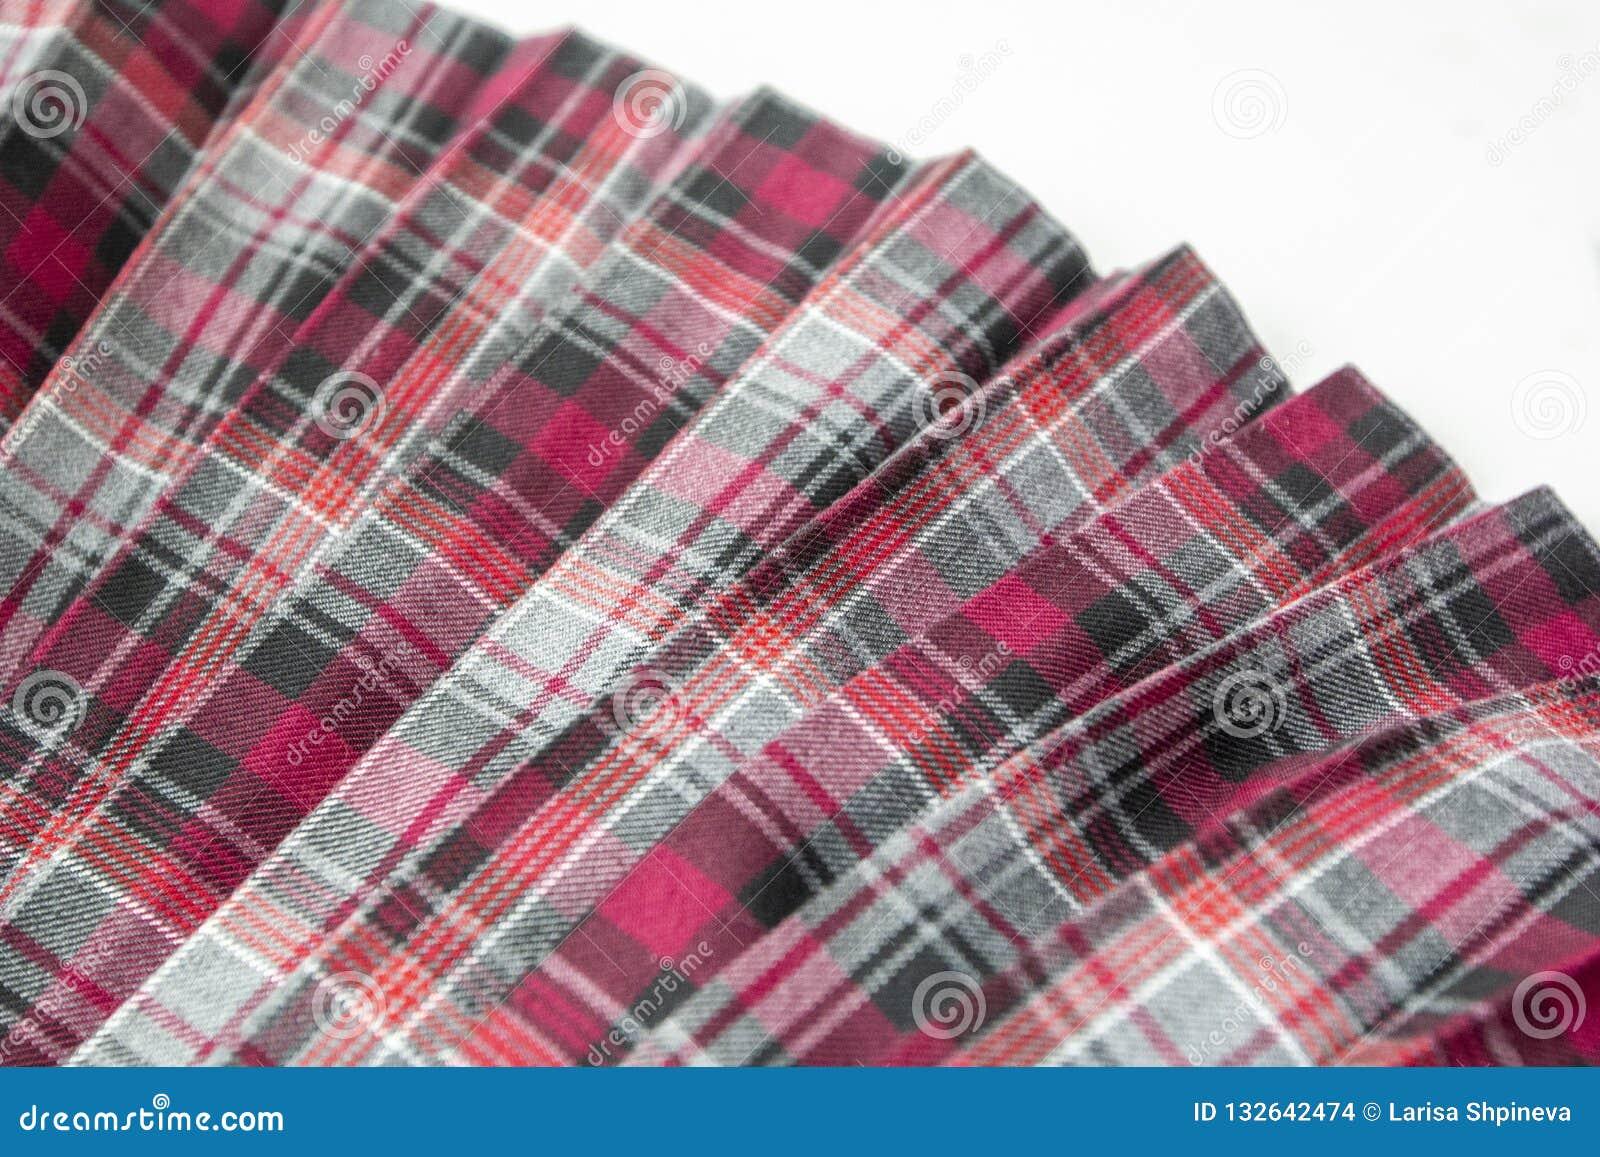 Detalhe de saia plissada da forma manta nova: algodão vermelho, marrom, cinzento da tela da farda da escola da tartã/material de